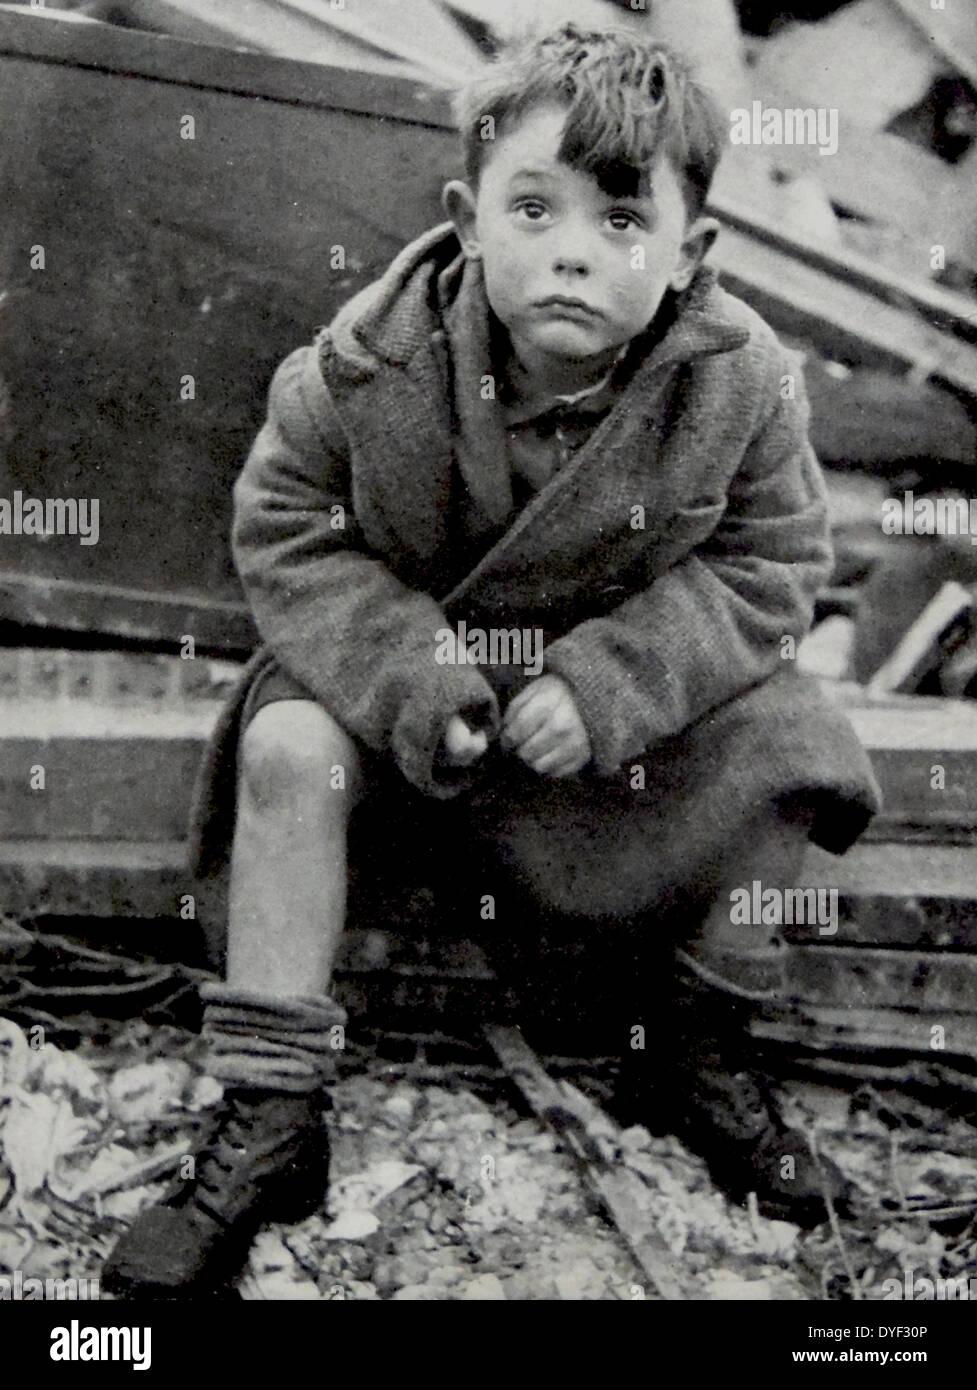 Ein verwaistes Kind nach Überlebenden der Blitz auf London. Stockbild